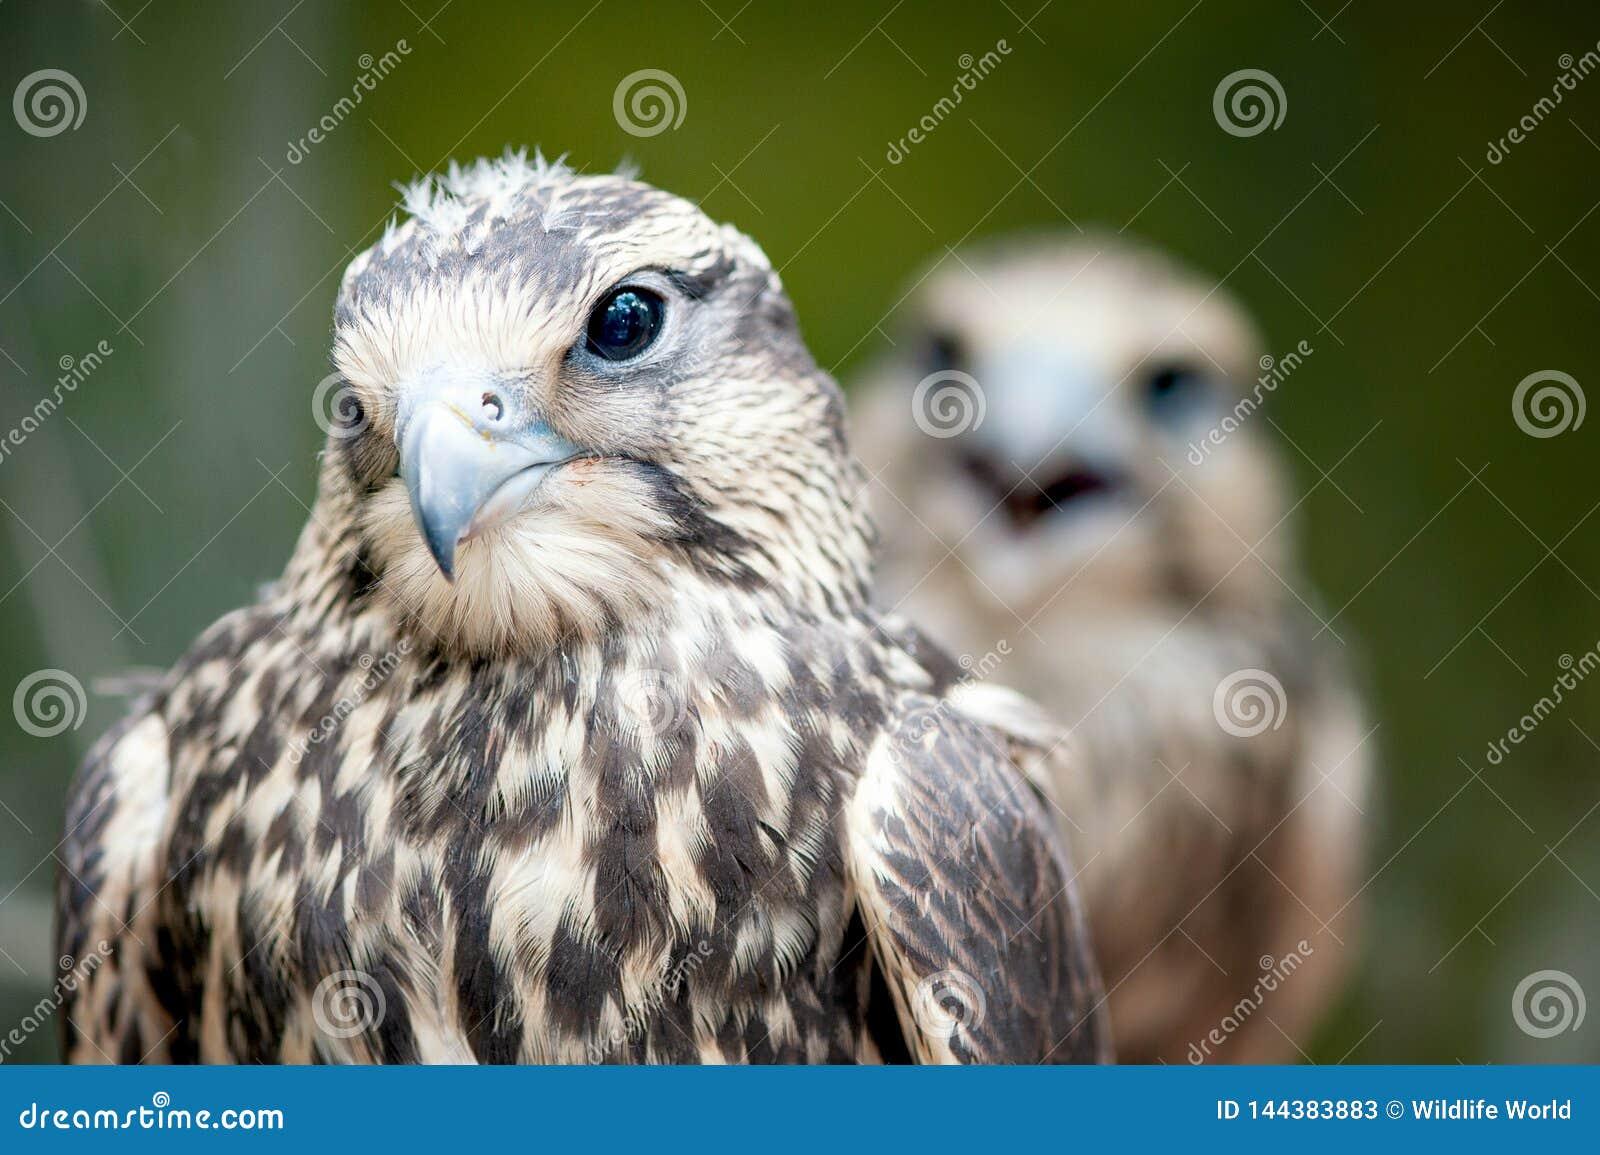 Faucon de Saker, cherrug de Falco, portrait en gros plan Oiseaux de proie